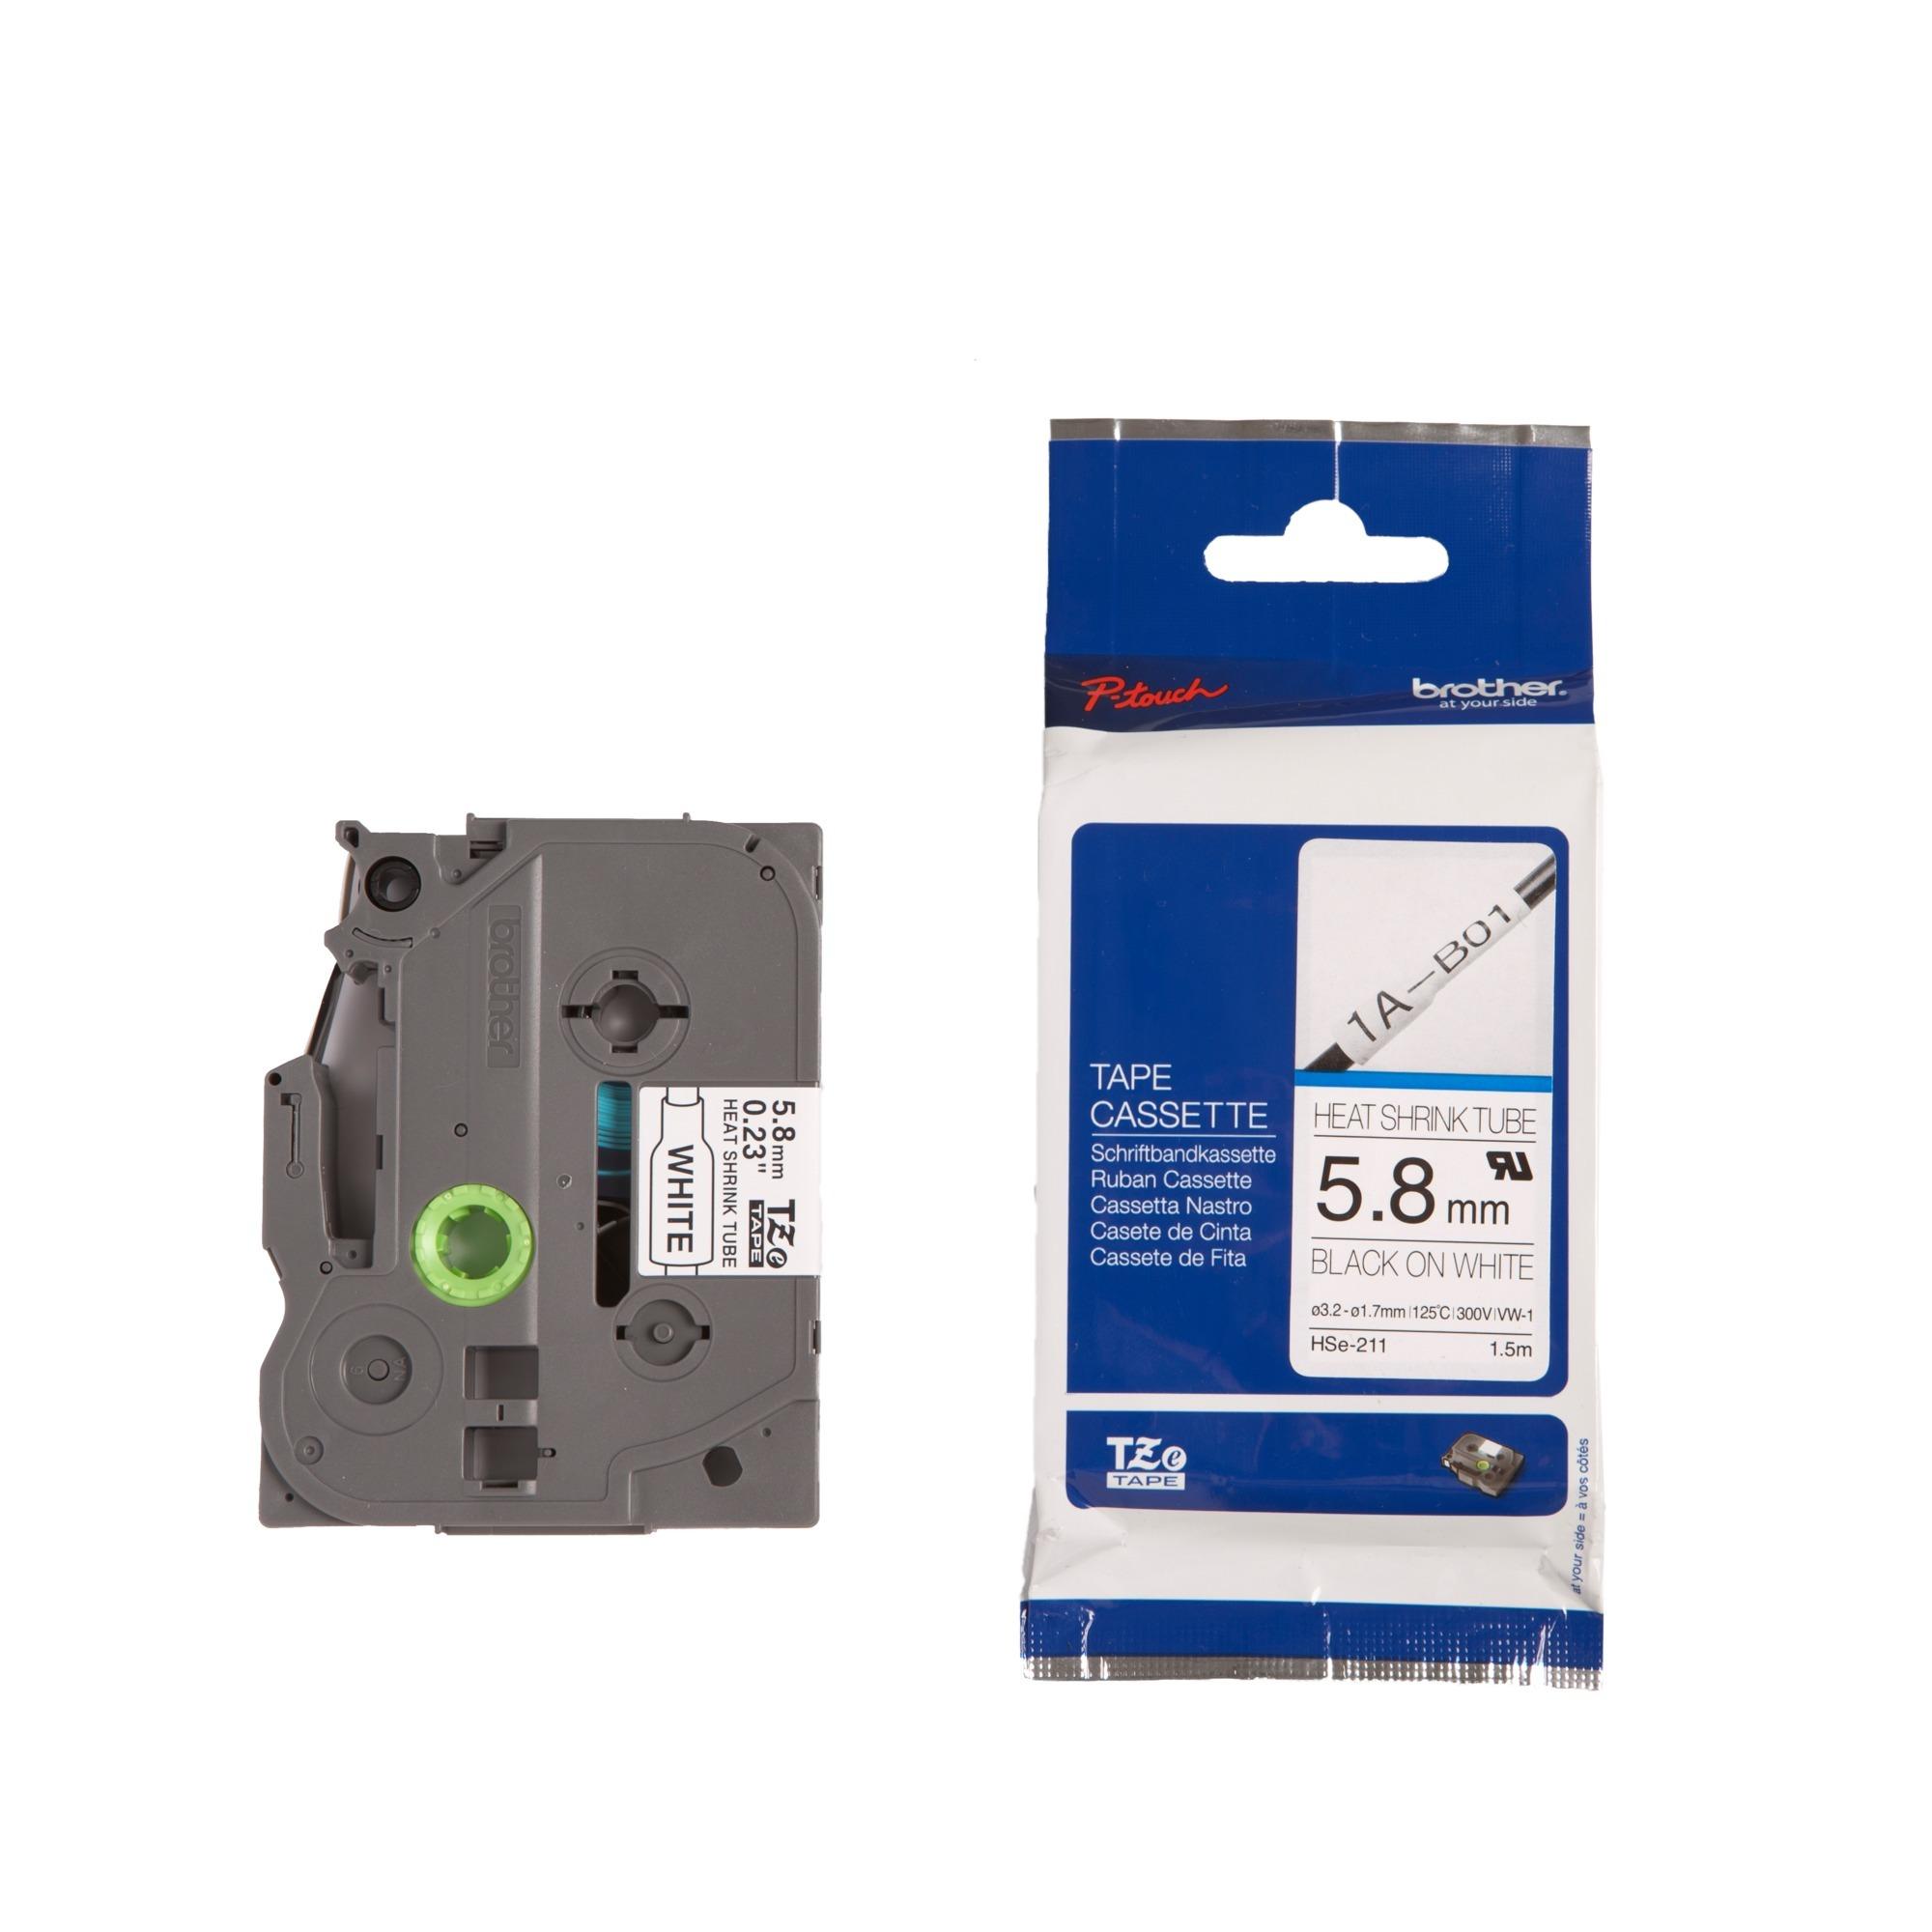 HSE-211 TZe cinta para impresora de etiquetas, Tubo termoretráctil para etiquetas